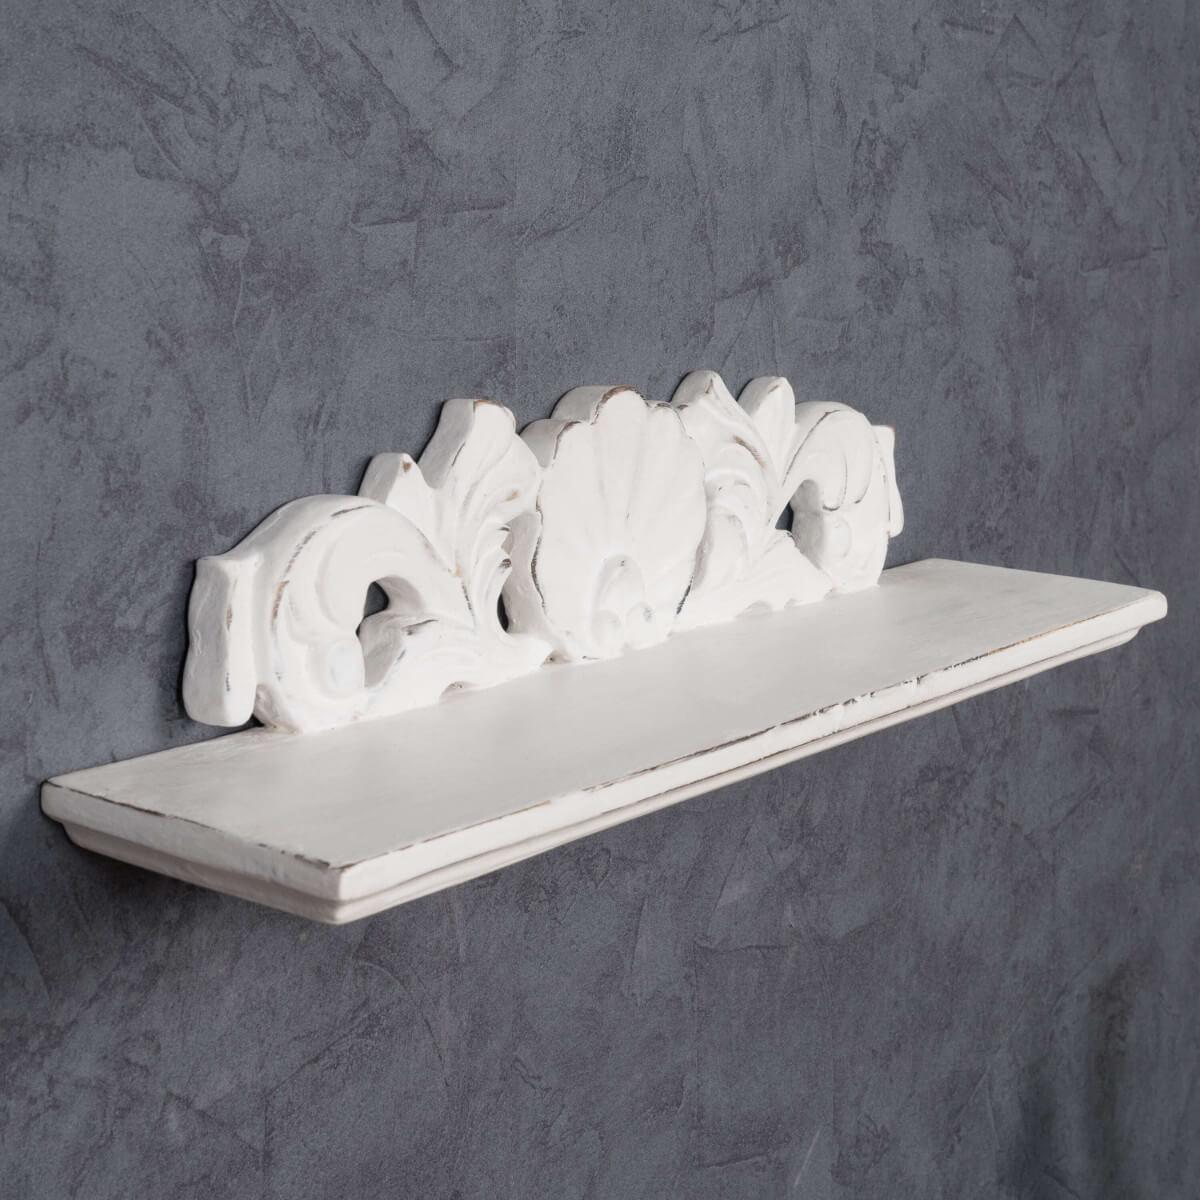 Tablette Salle De Bain 80 Cm tablette baroque blanc 50 cm